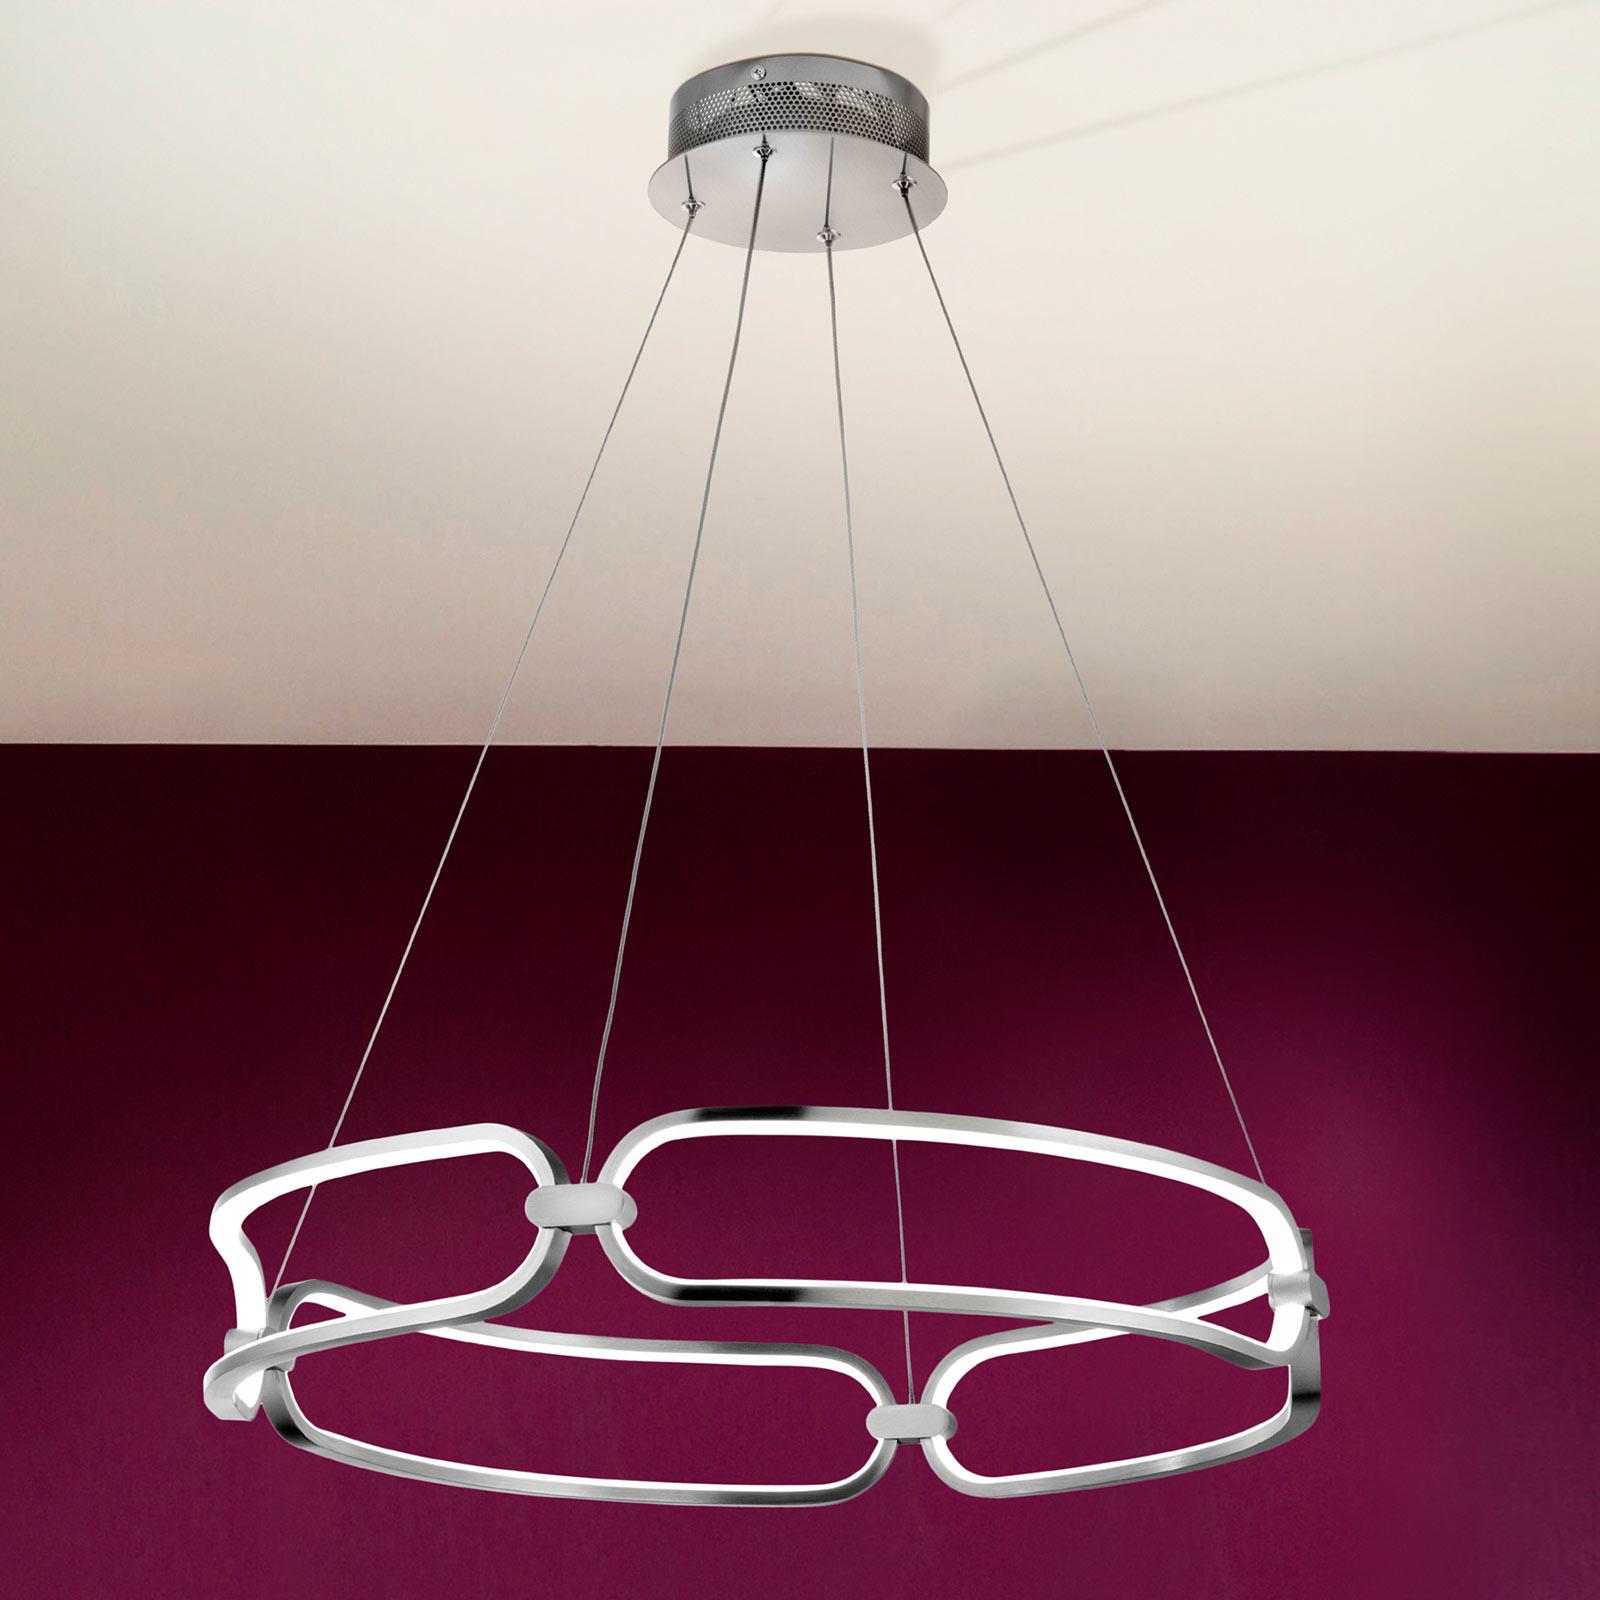 Acquista Lampada a sospensione LED Colette, cromo